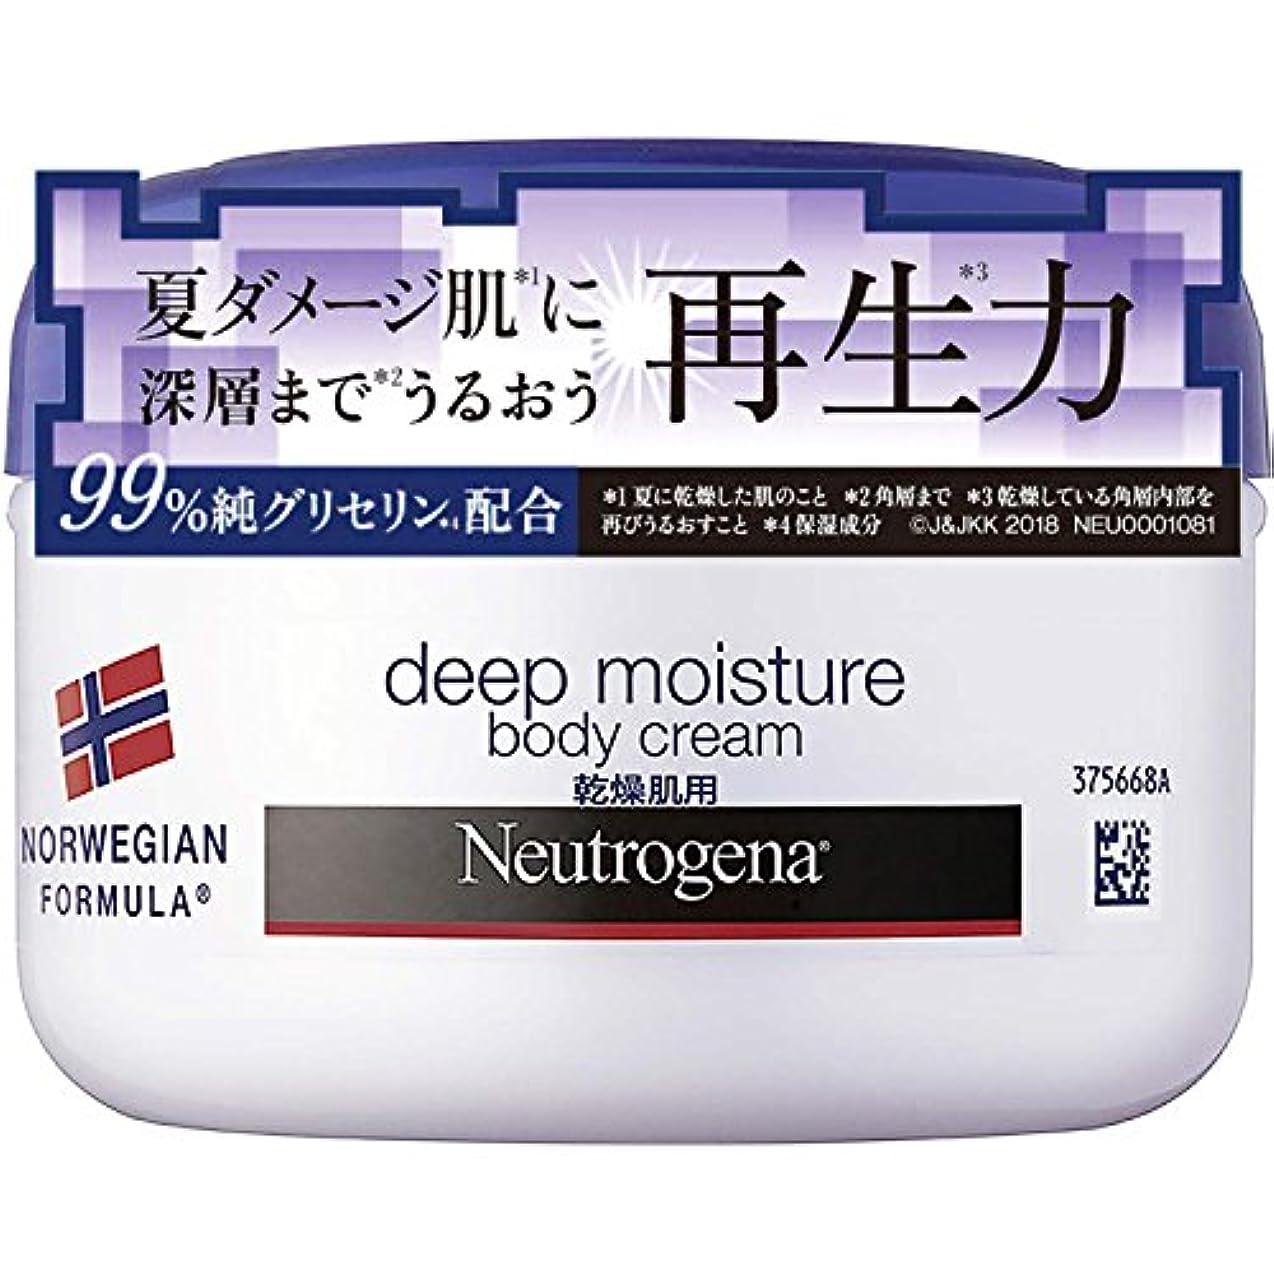 延ばすすばらしいです再生的Neutrogena(ニュートロジーナ) ノルウェーフォーミュラ ディープモイスチャー ボディクリーム 乾燥肌用 微香性 200ml